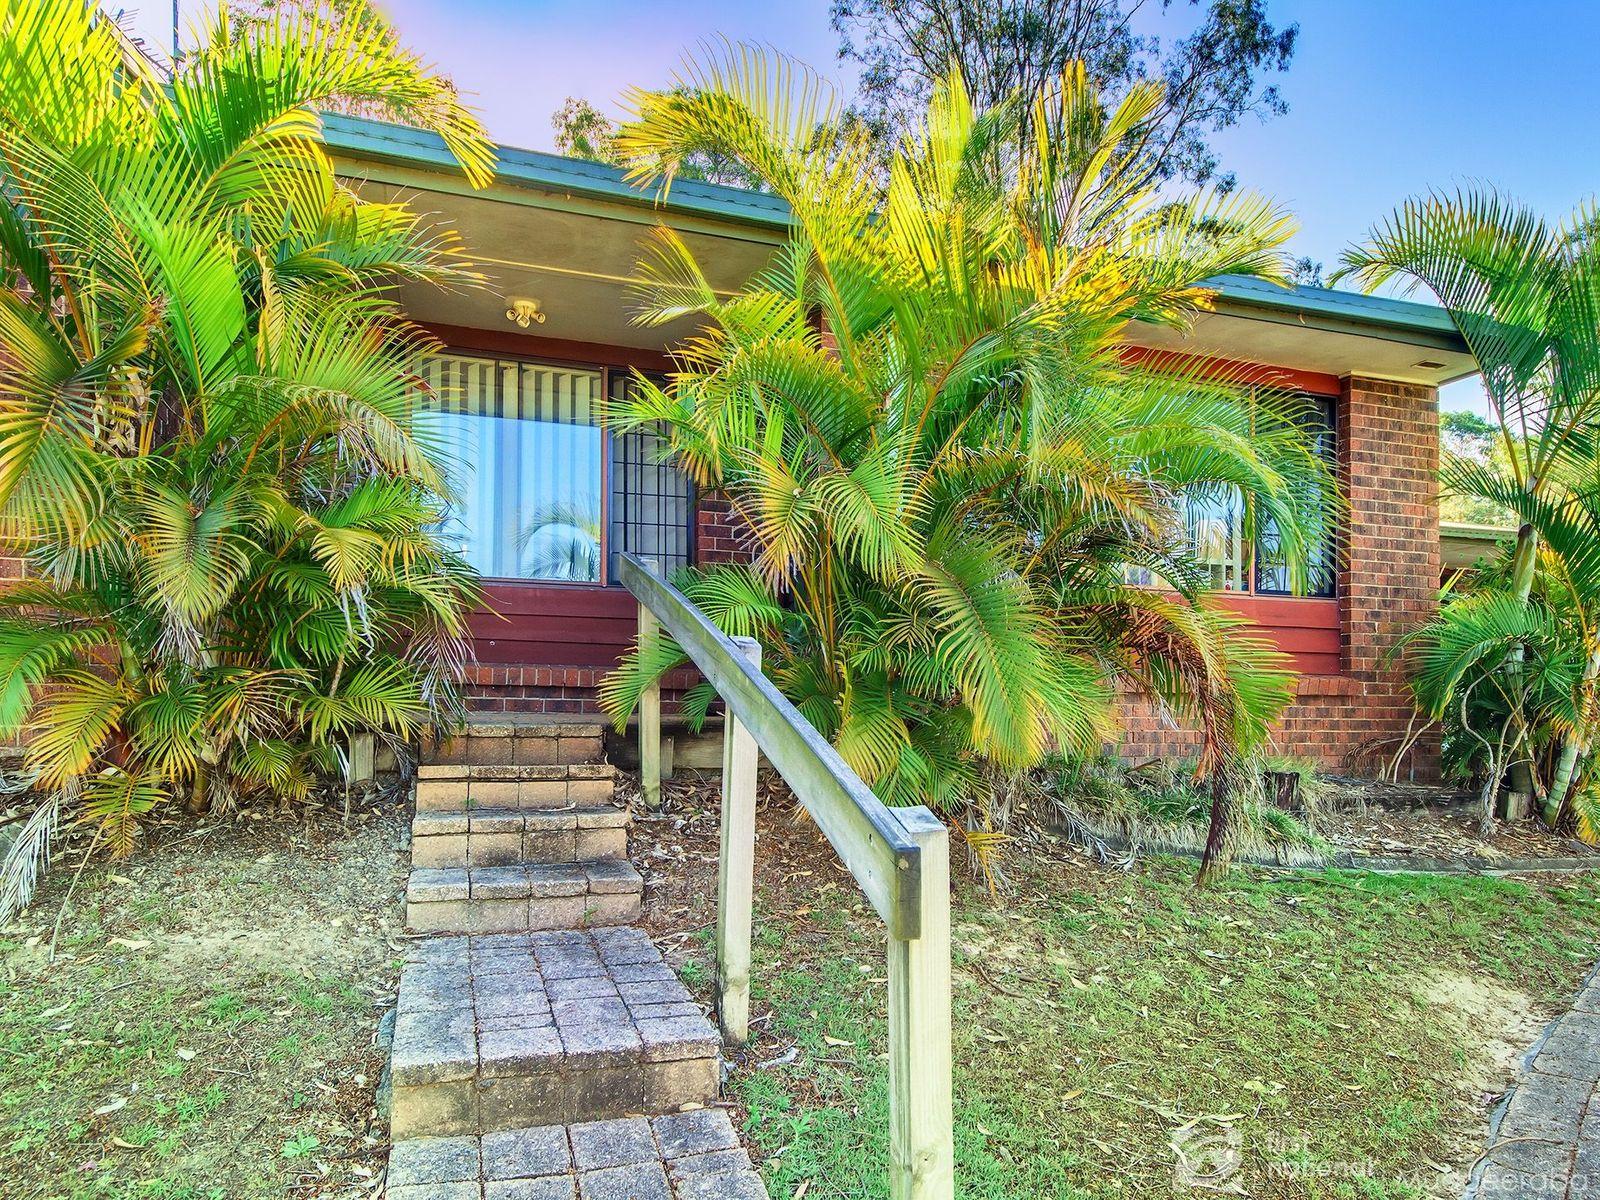 2/77 Railway Street, Mudgeeraba, QLD 4213